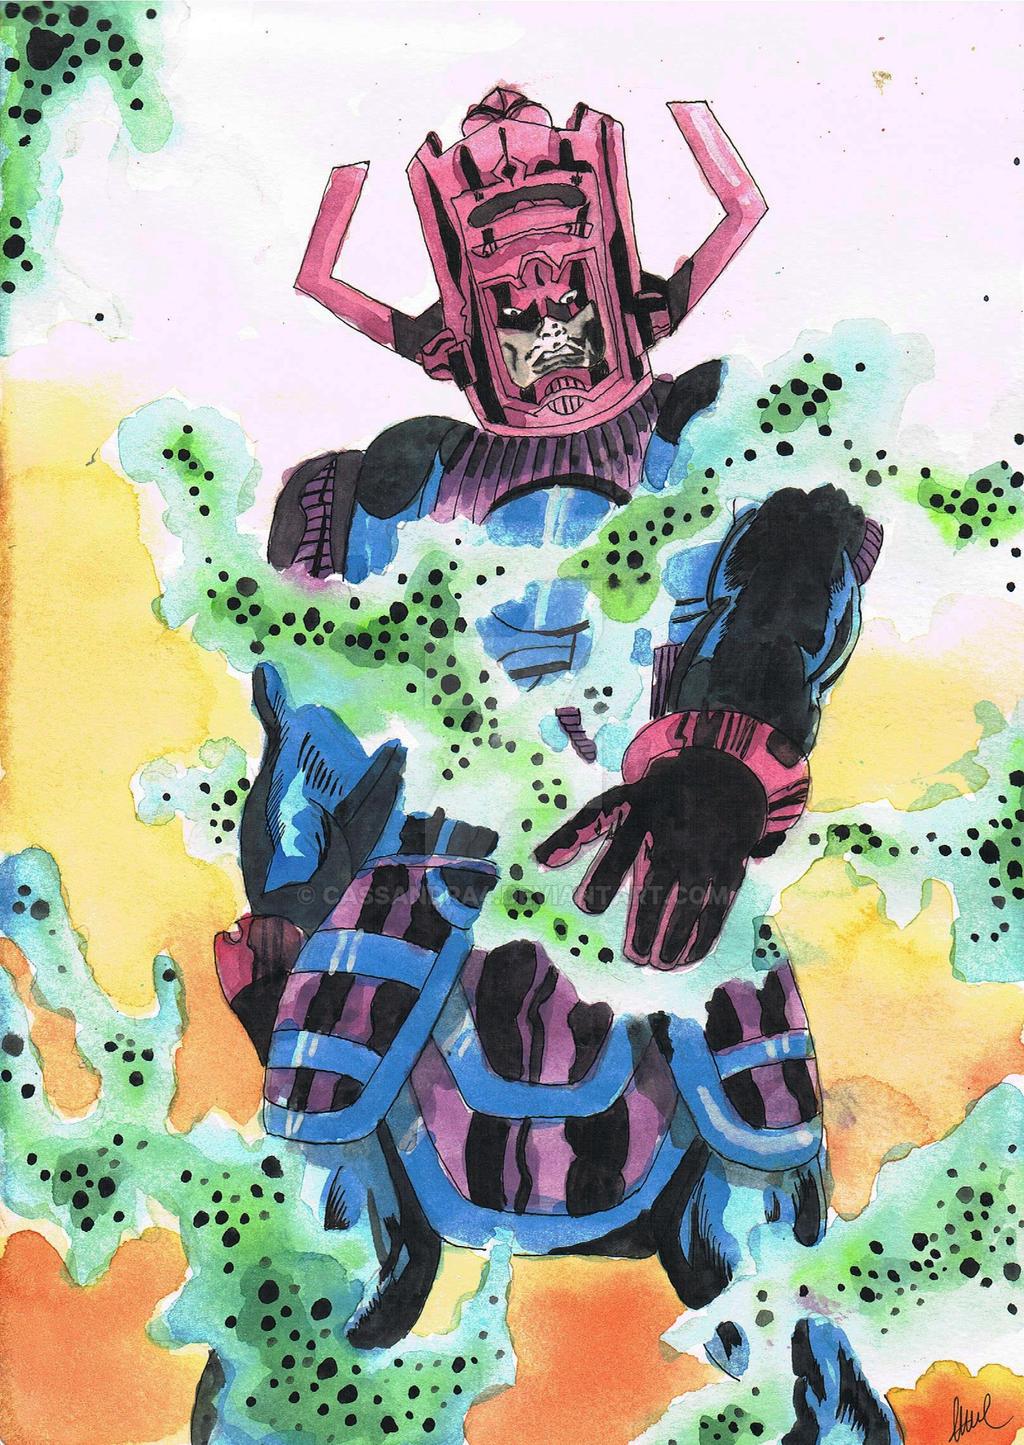 Galactus by cassandra4